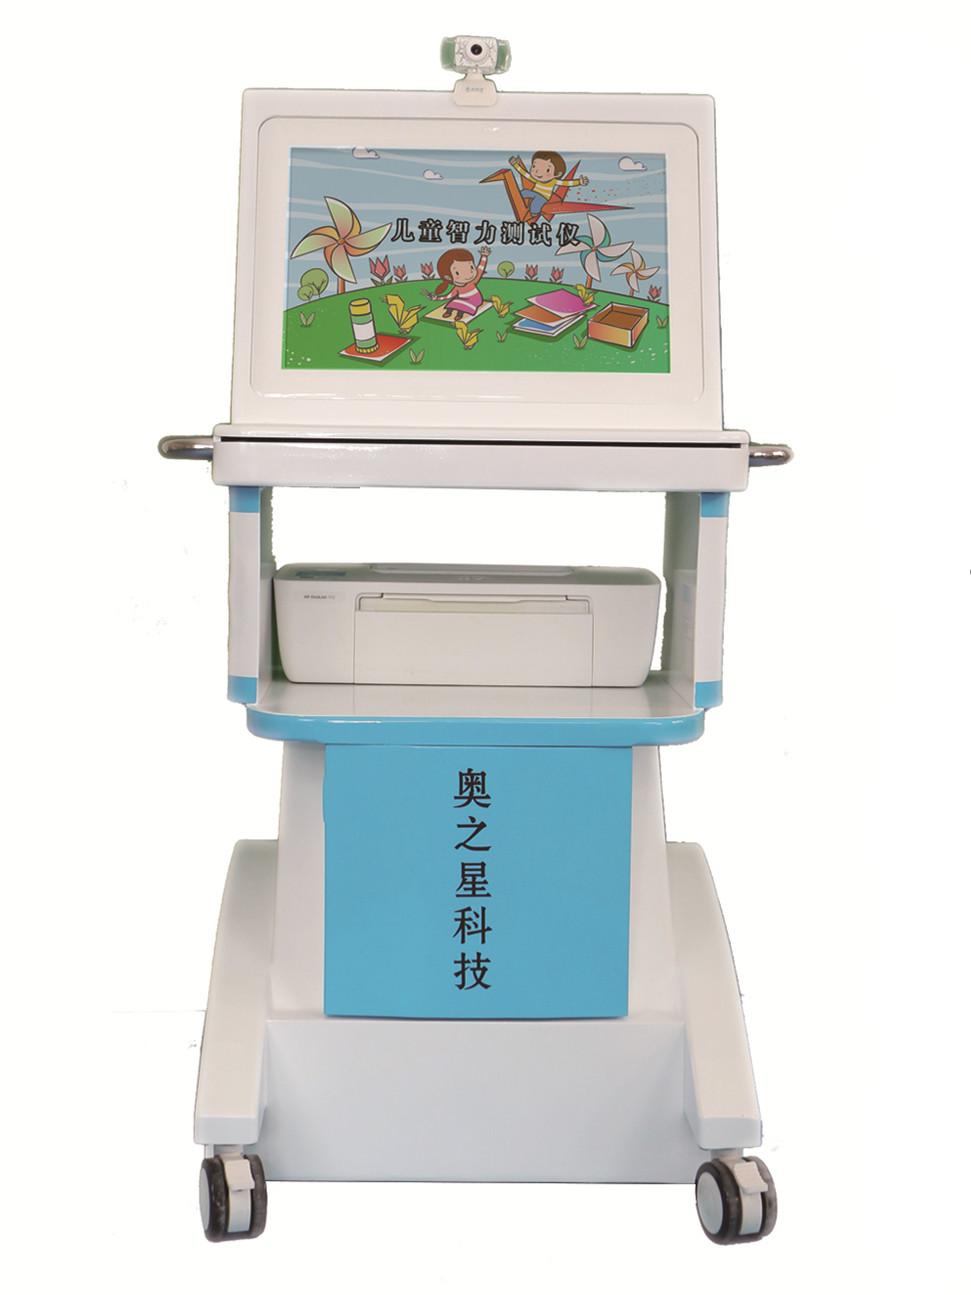 四川省奥之星科技儿童智力测试仪、儿童素质测试仪